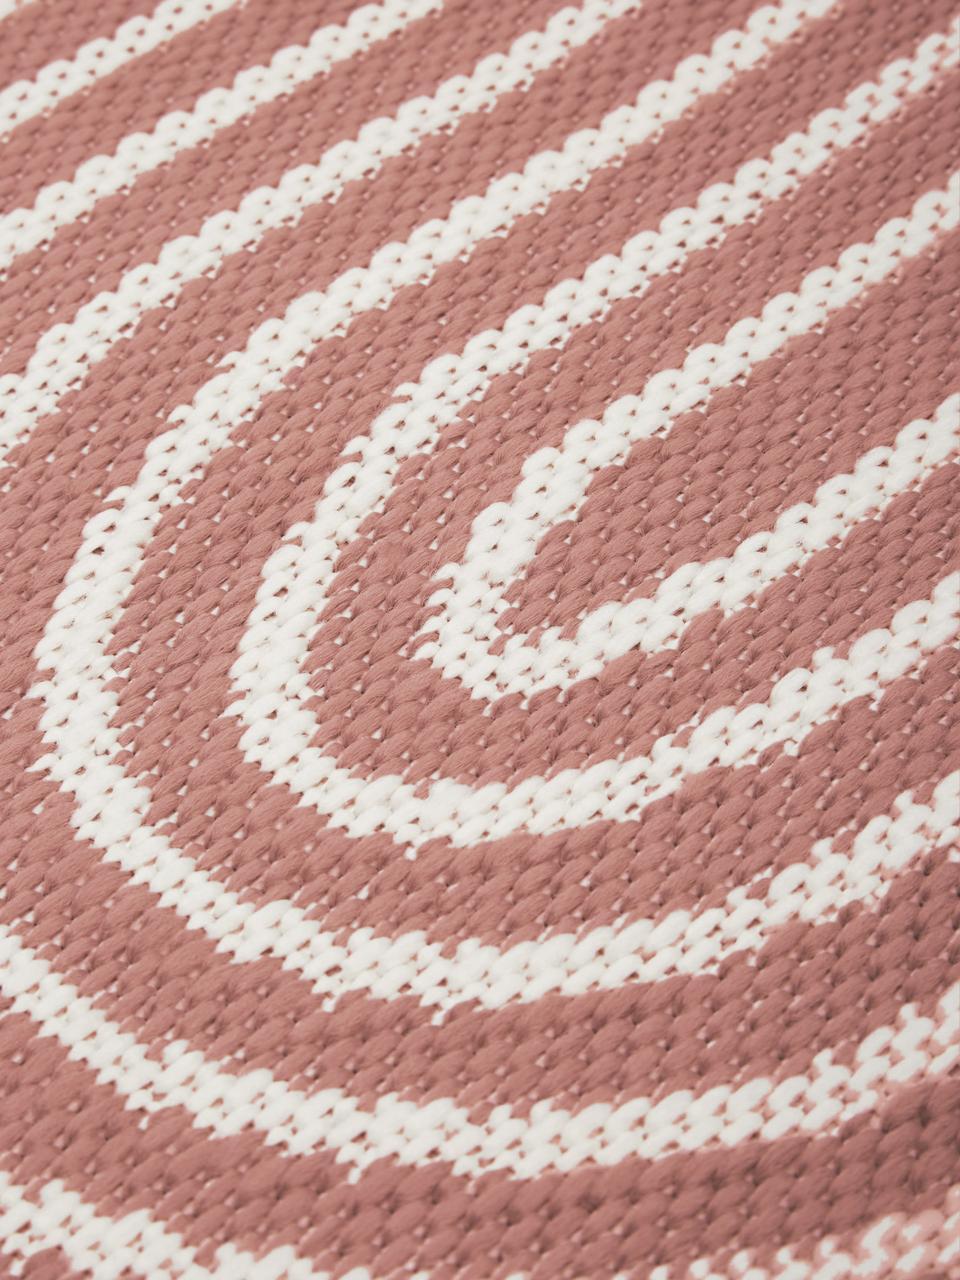 Tappeto da interno-esterno corallo/bianco crema Arches, 86% polipropilene, 14% poliestere, Rosso, bianco, Larg. 200 x Lung. 290 cm (taglia L)